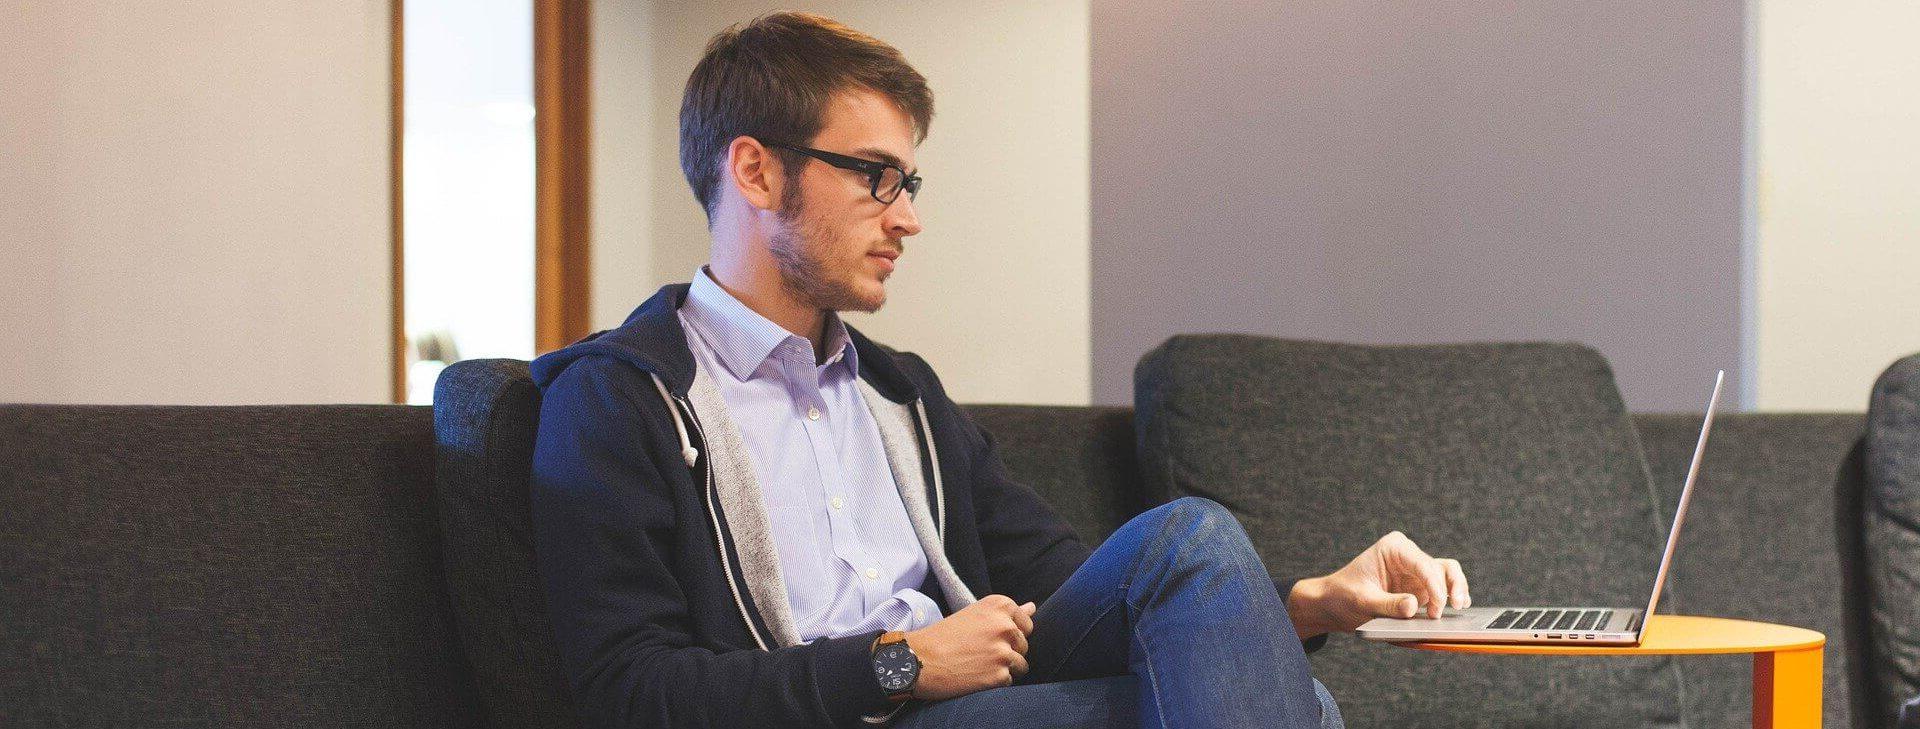 Droit au chômage après rupture conventionnelle en auto-entrepreneur